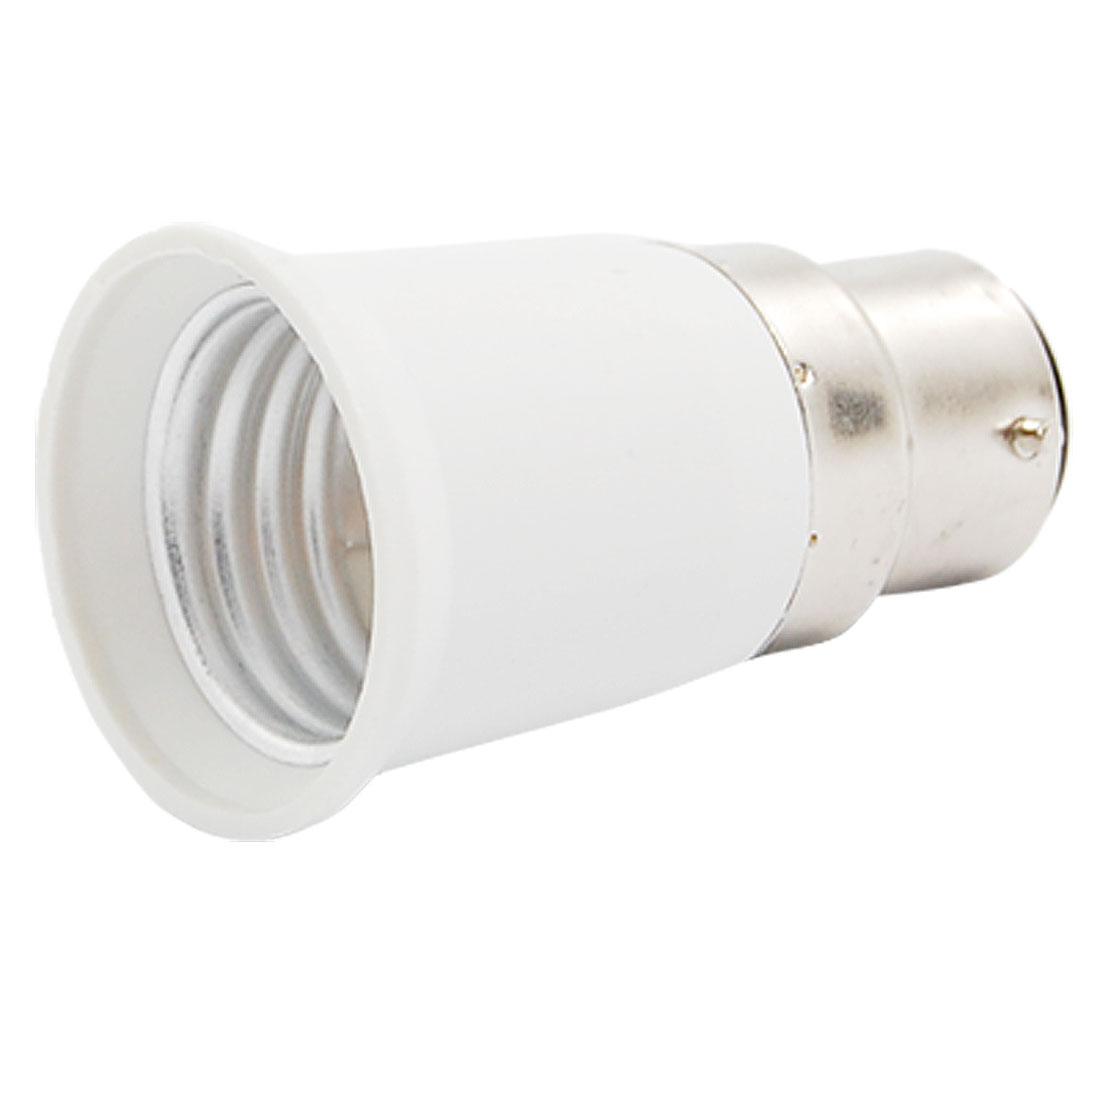 B22 to E27 Base LED Light Lamp Bulb Holder Adapter Converter